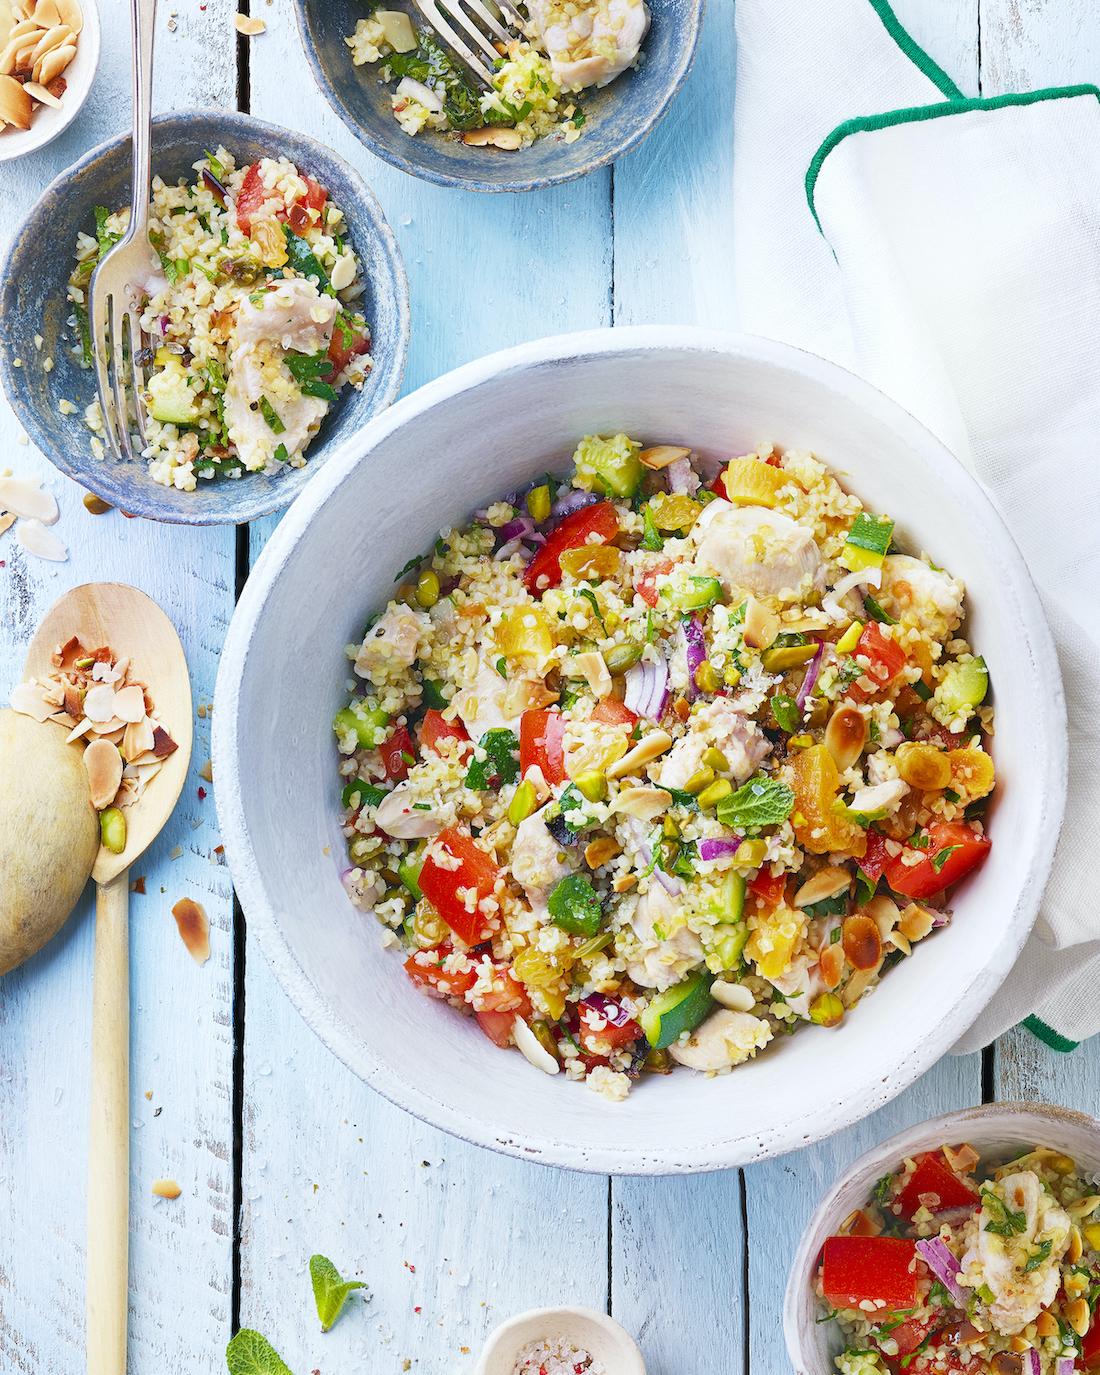 Salade de boulgour au lapin et aux fruits secs